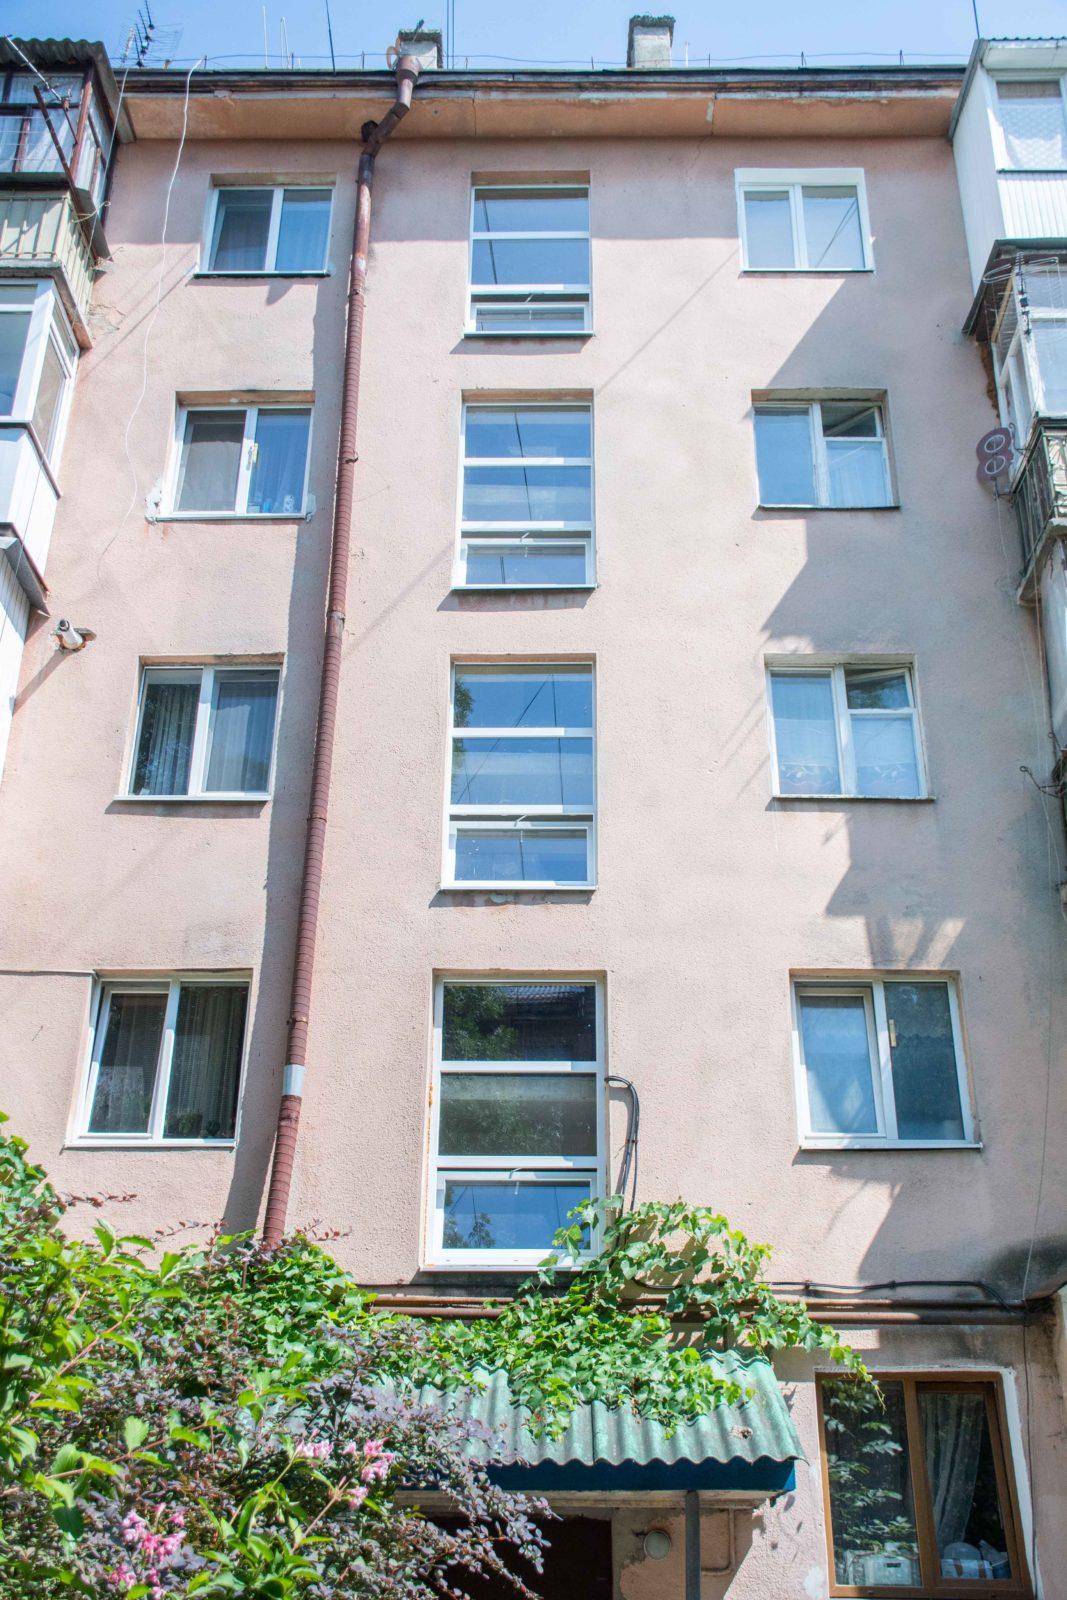 У трьох багатоквартирних будинках у Франківську замінюють вікна за програмою співфінансування 4